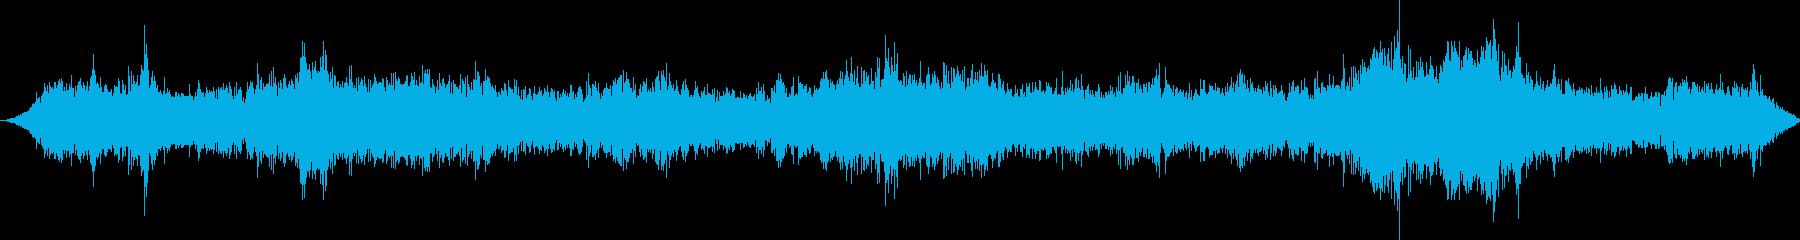 40フィートディーゼルハイブリッド...の再生済みの波形